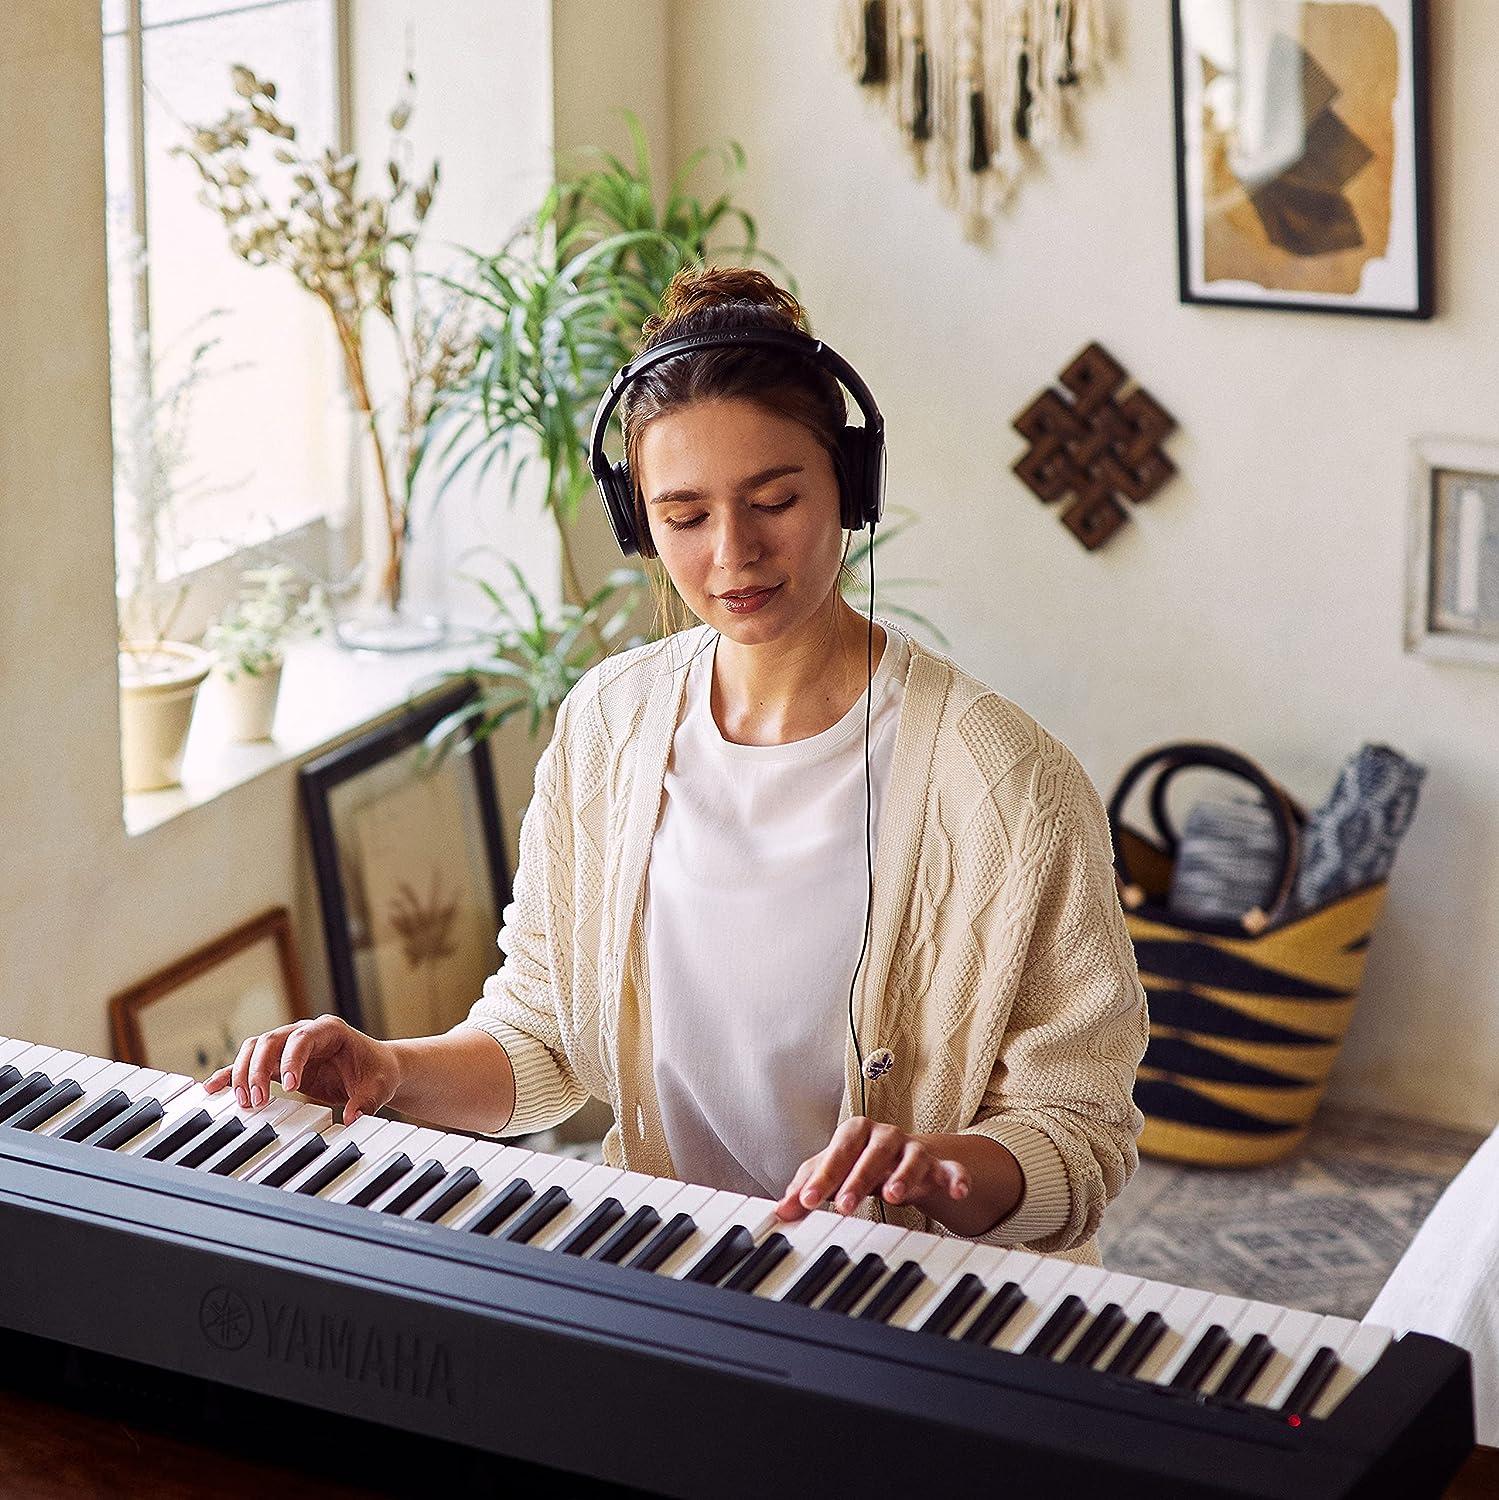 Yamaha P-45 - Piano digital ligero y portátil para aficionados y principiantes, color negro